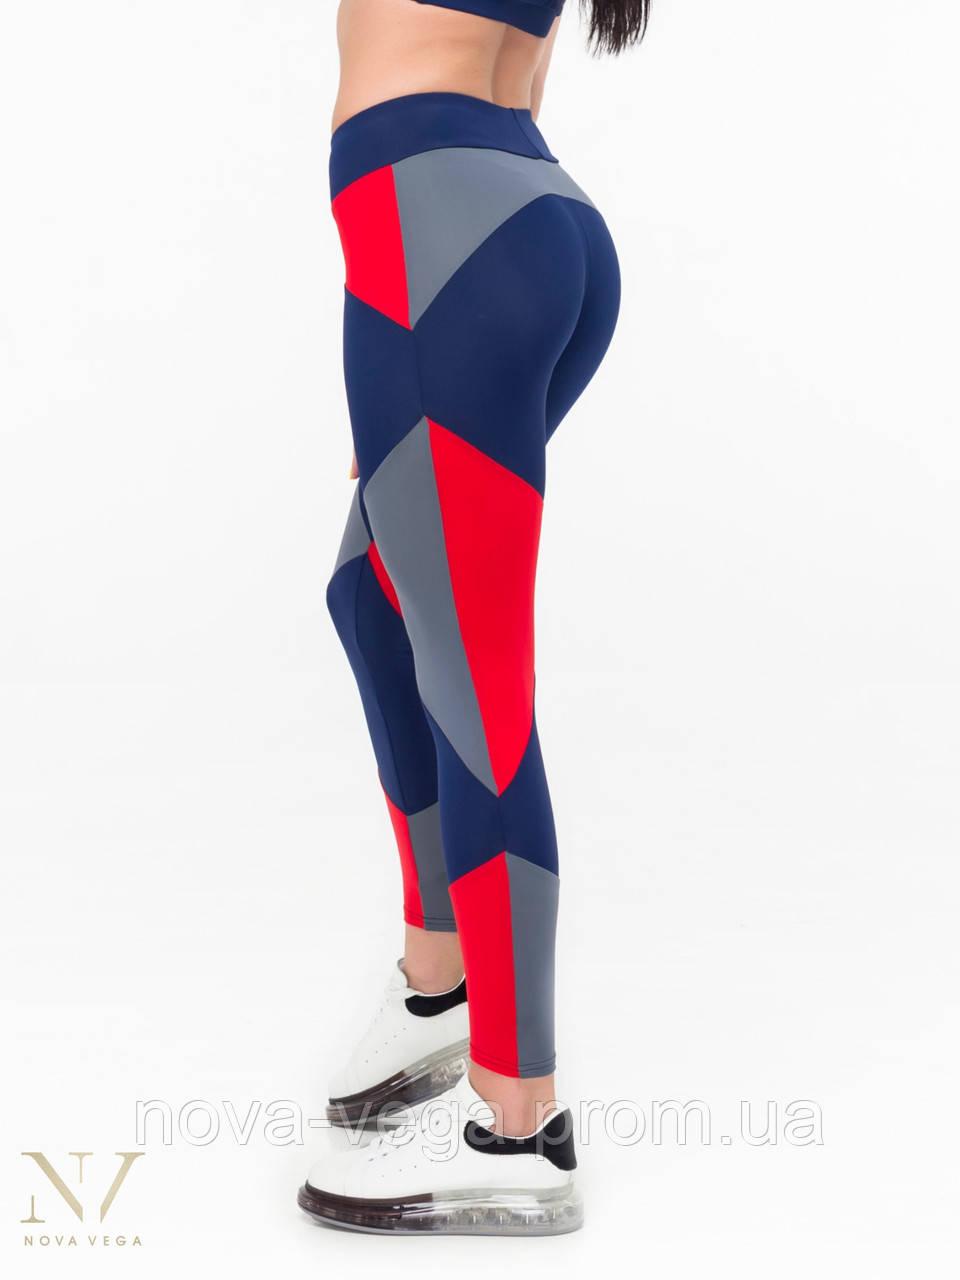 Спортивные Женские Лосины Nova Vega Joker Blue&Red&Grey